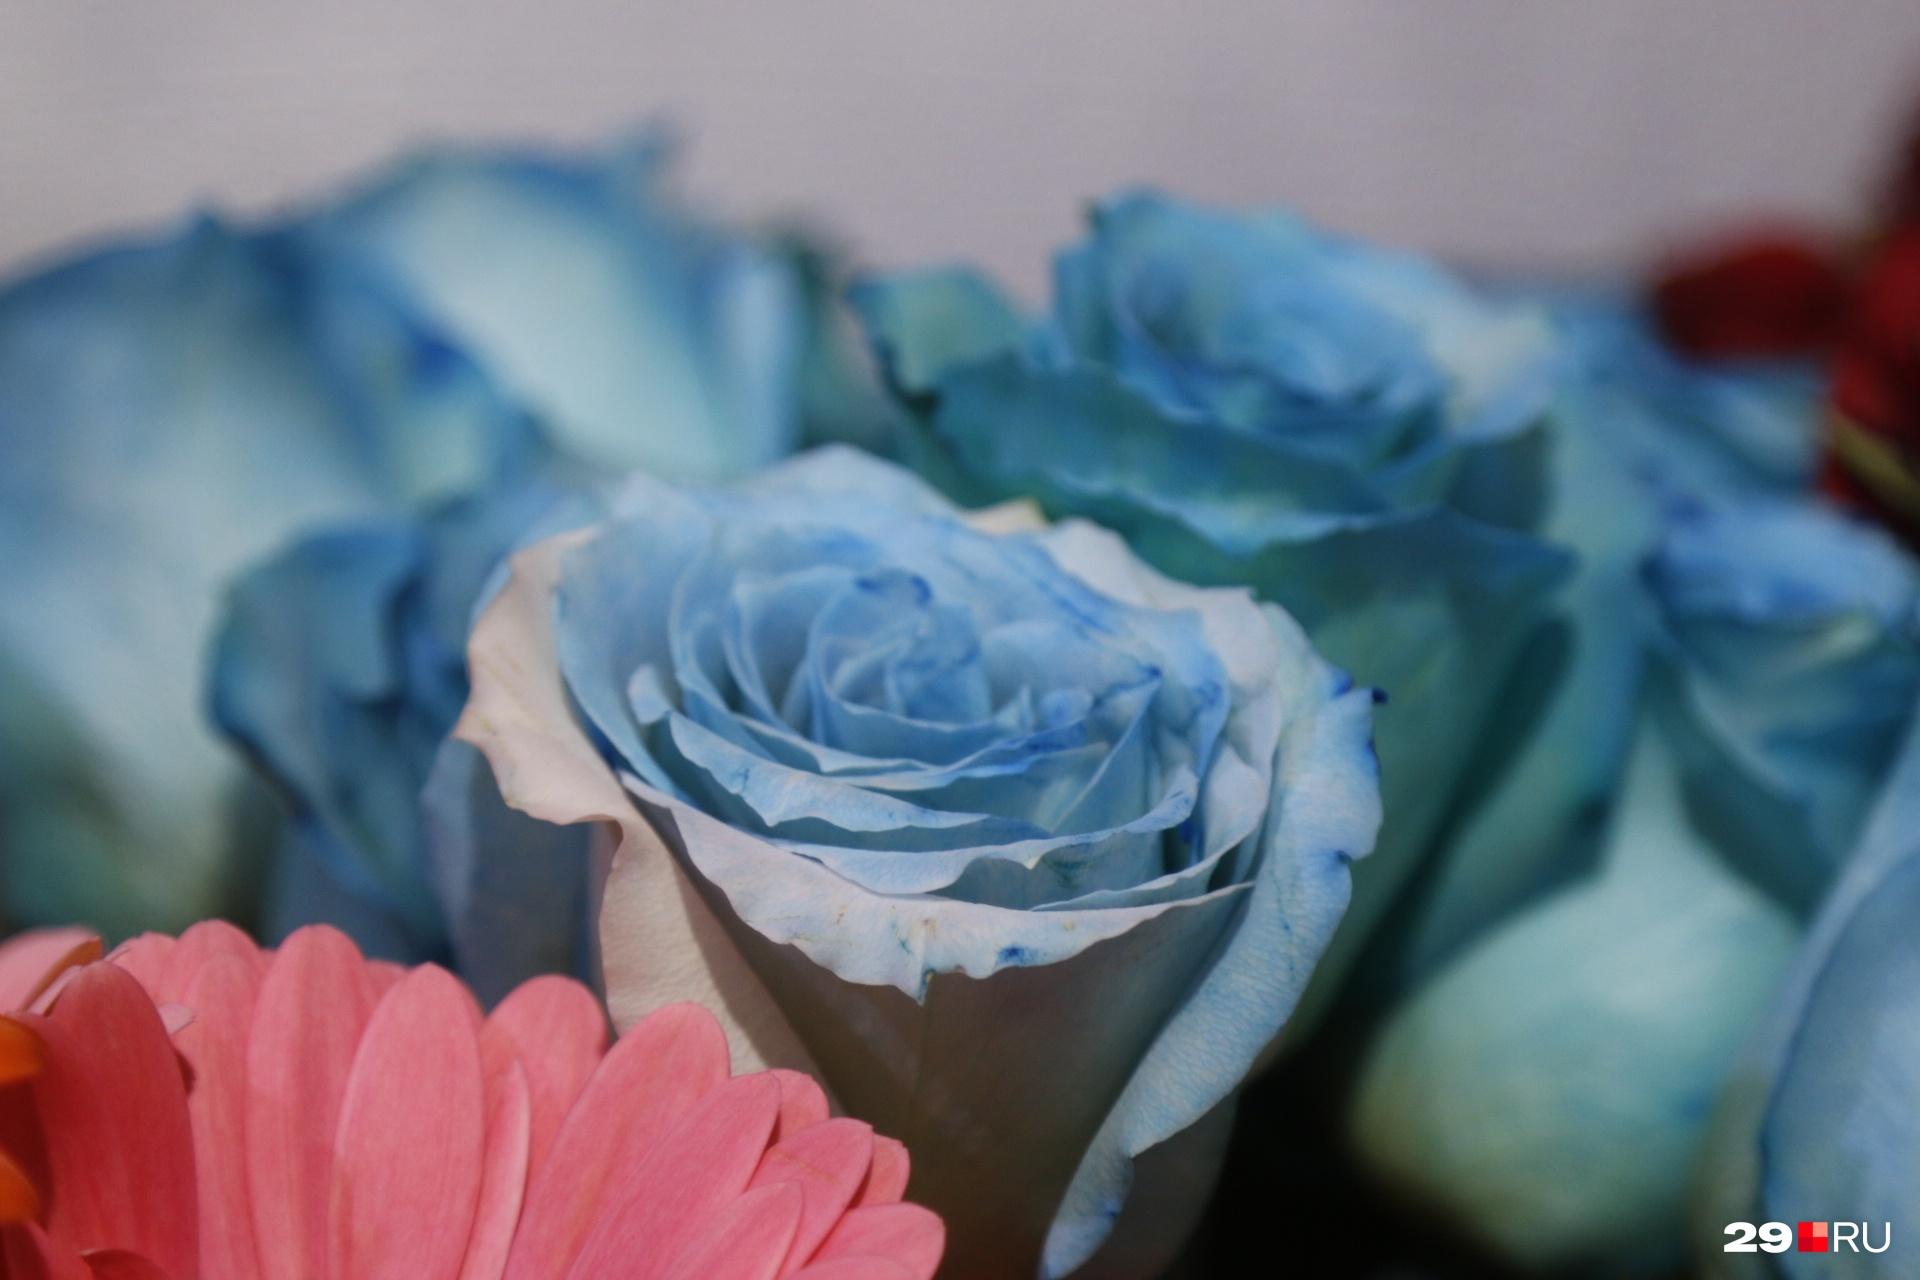 Голубой цвет — это не только нежность, но и благодарность